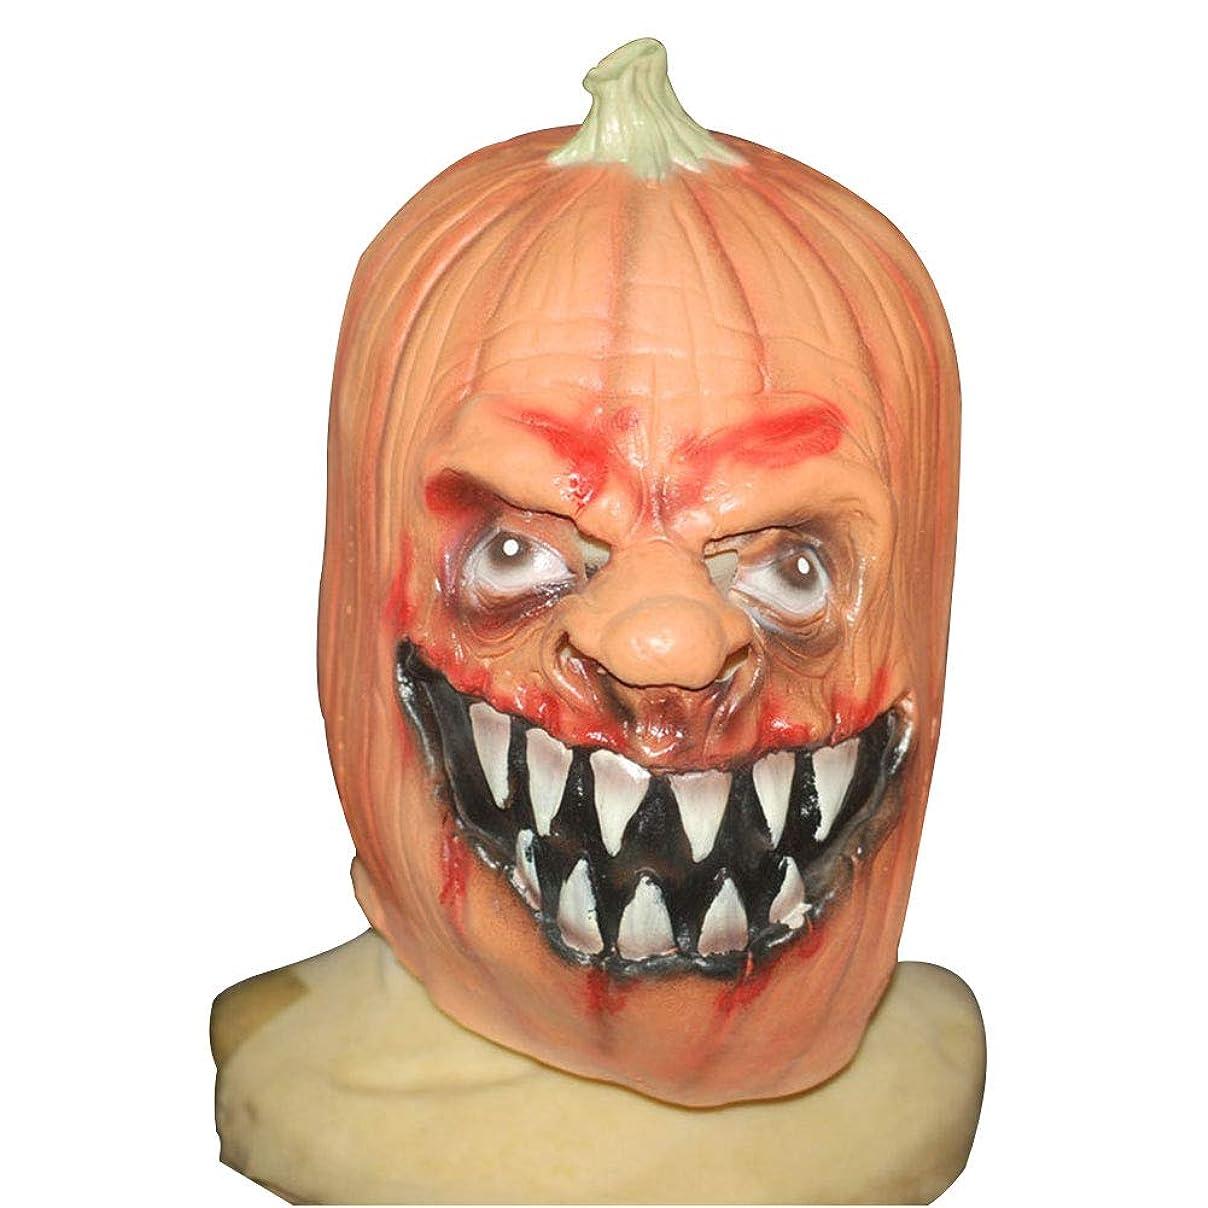 プレートラフ権限ハロウィーンマスク、カボチャラテックスマスク、ハロウィーン、テーマパーティー、カーニバル、レイブパーティー、バー、小道具に適しています。